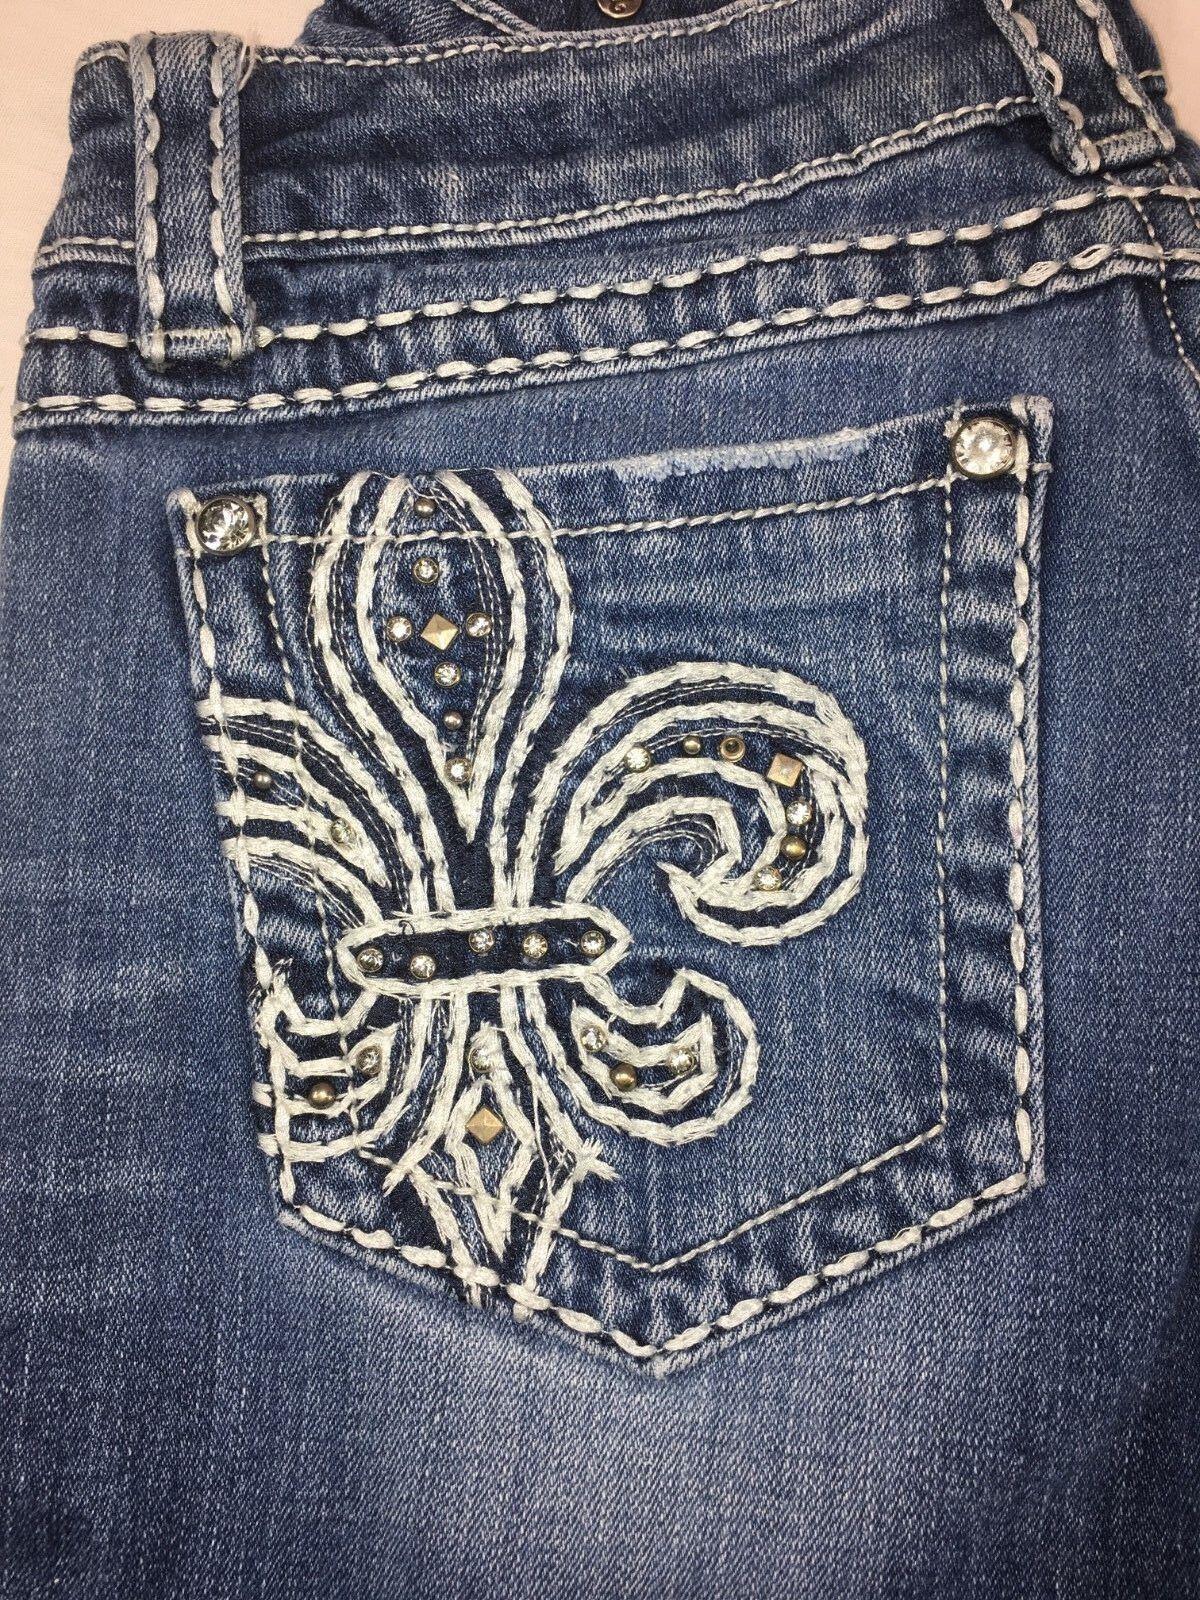 Women's MISS ME Fleur De Lis Stud Rhinestones Boot Cut Denim Jeans size 30